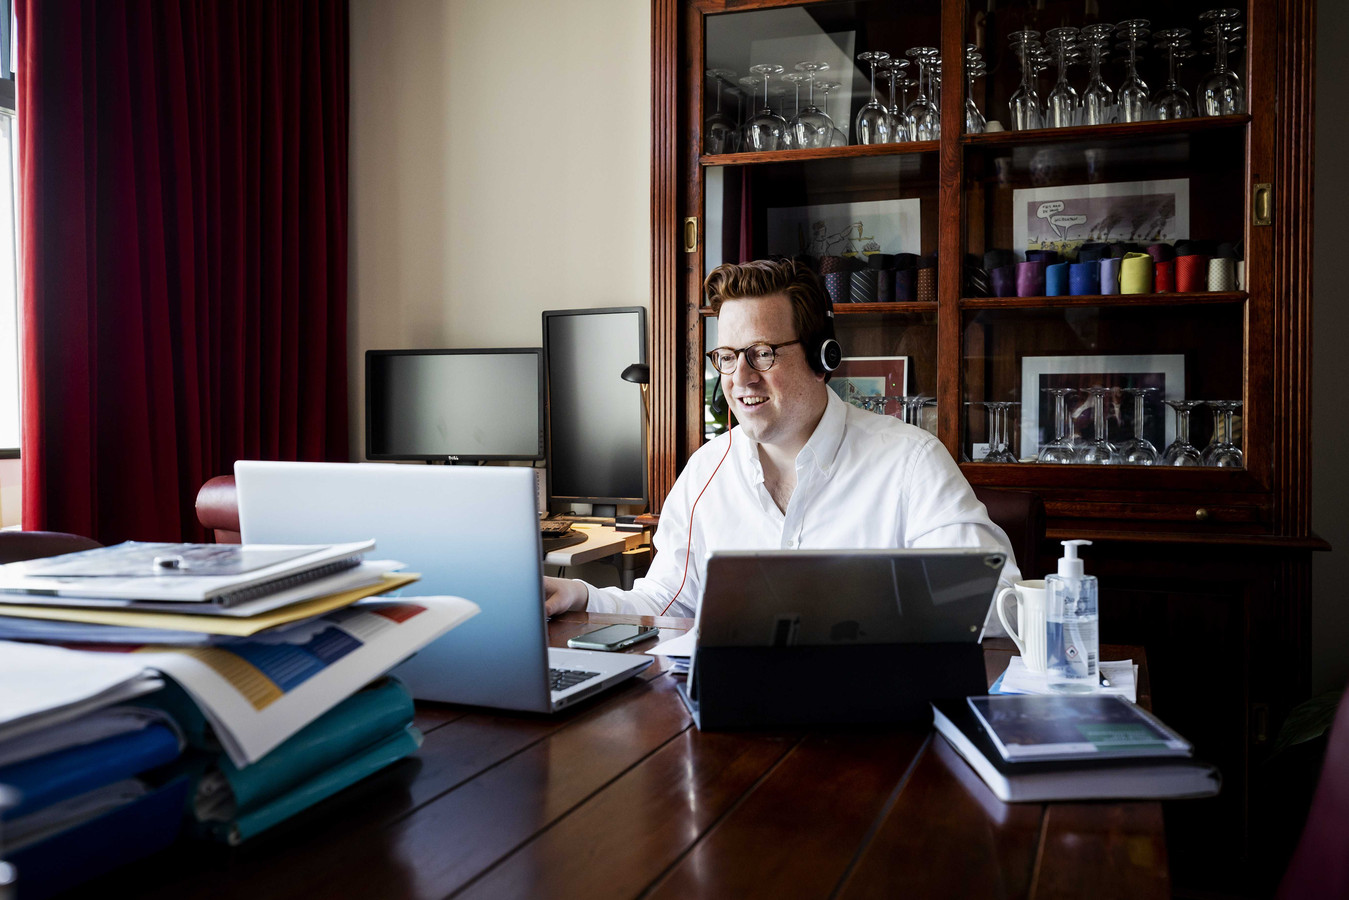 Raadslid Geert Koster in zijn werkkamer voorafgaand aan een digitale vergadering.